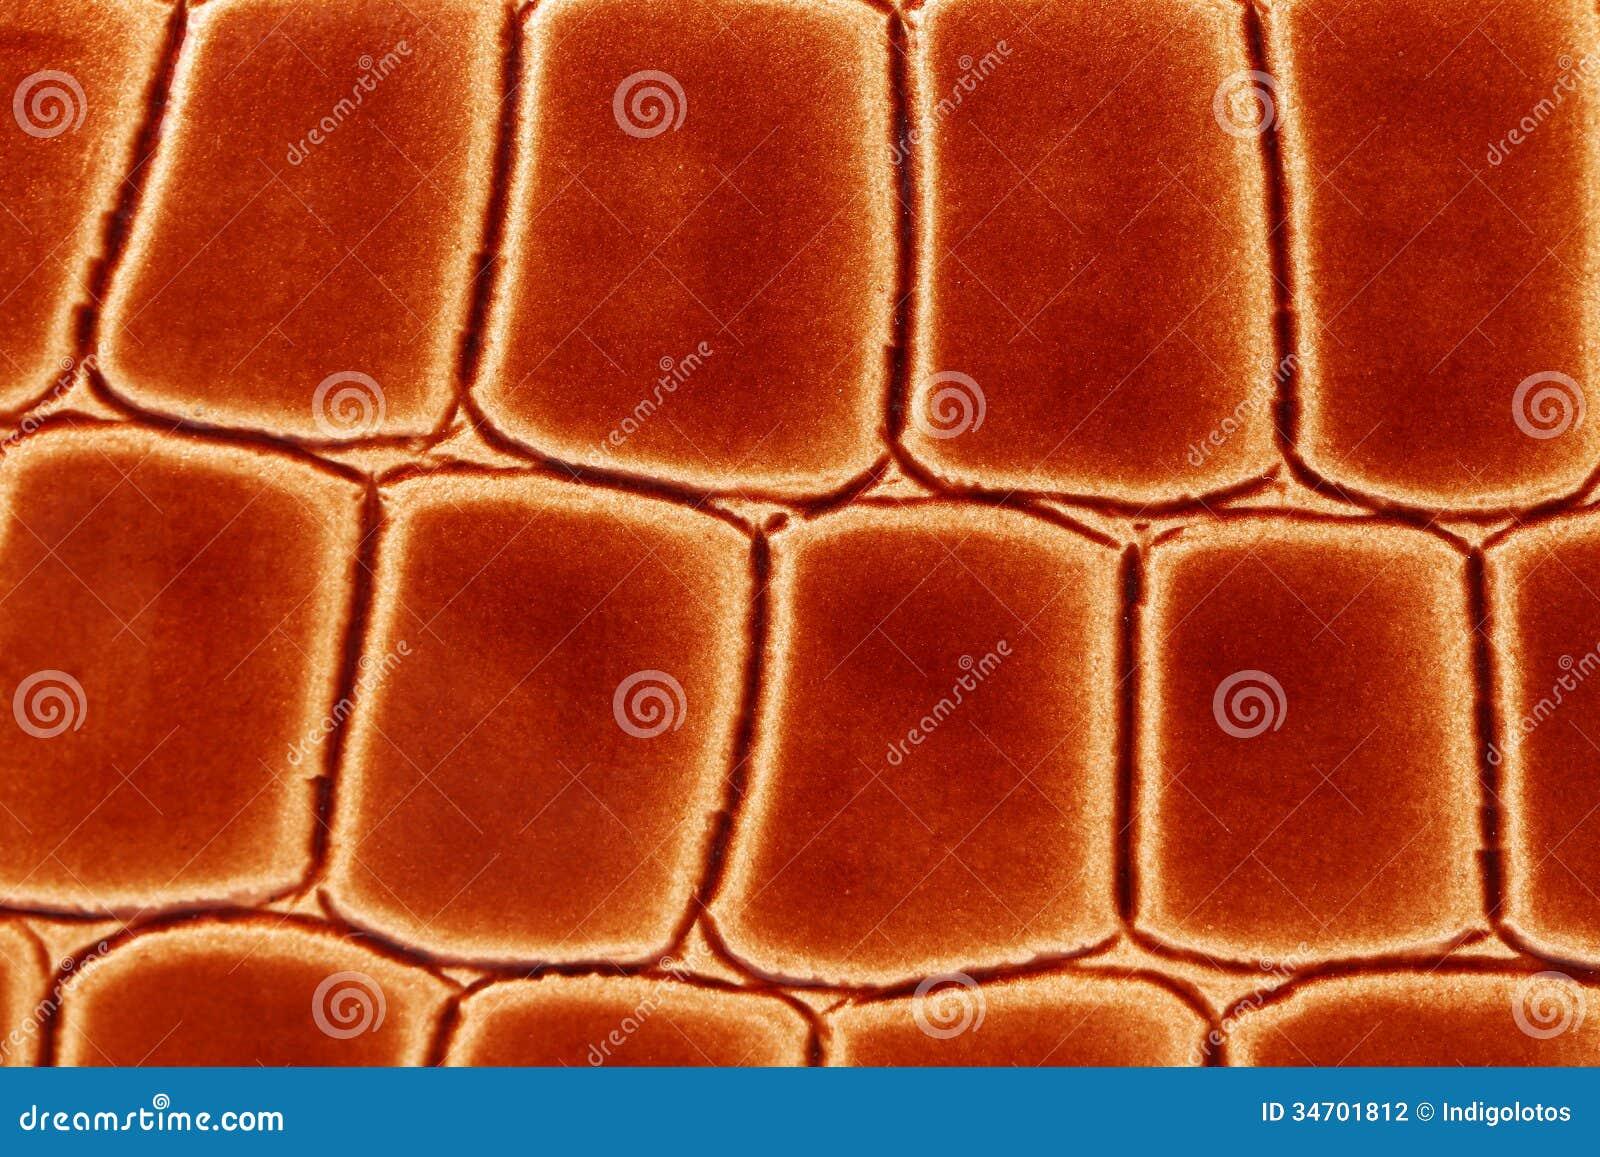 Struttura rossa della pelle del coccodrillo come carta da for Carta da parati damascata rossa